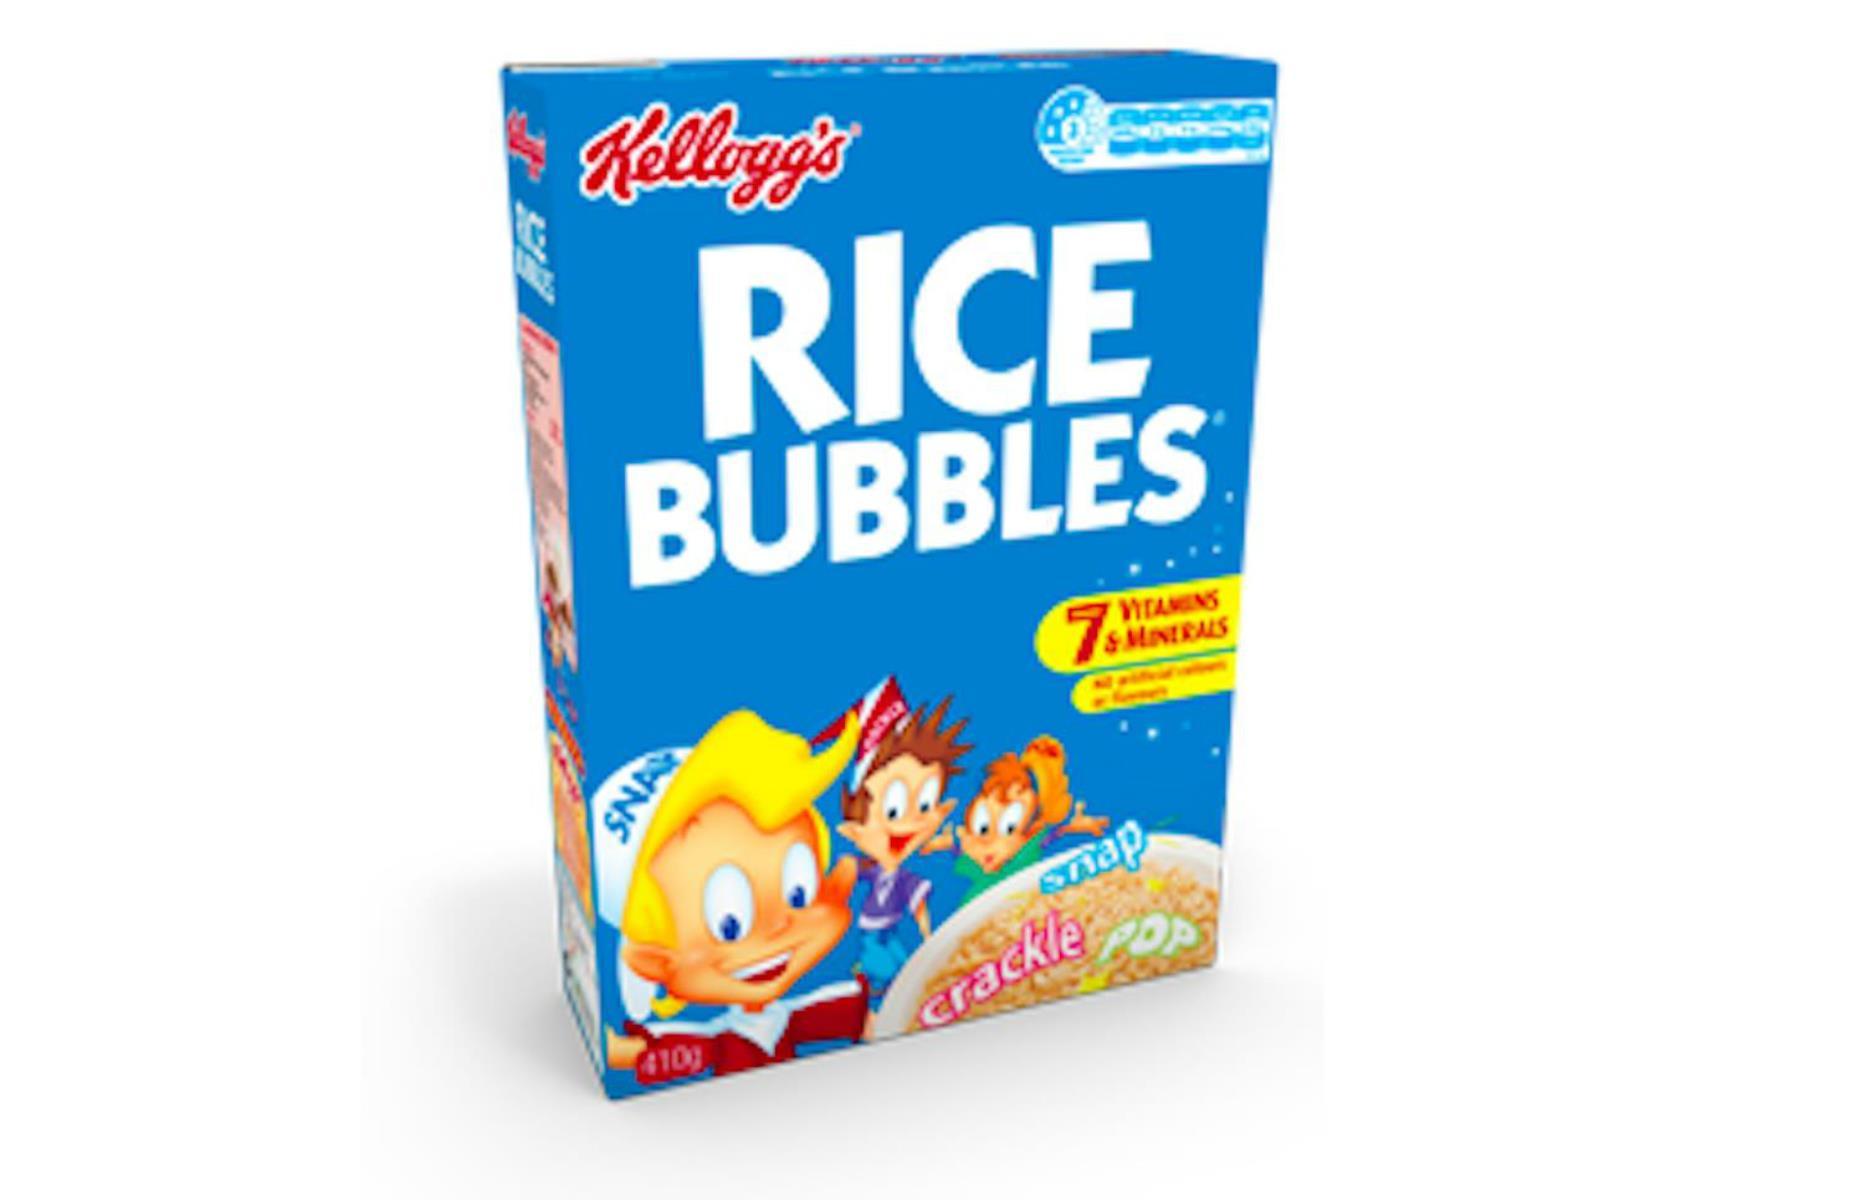 dd23d40a-3215-4d54-87f2-faf41e589737-Rice Bubbles (1)